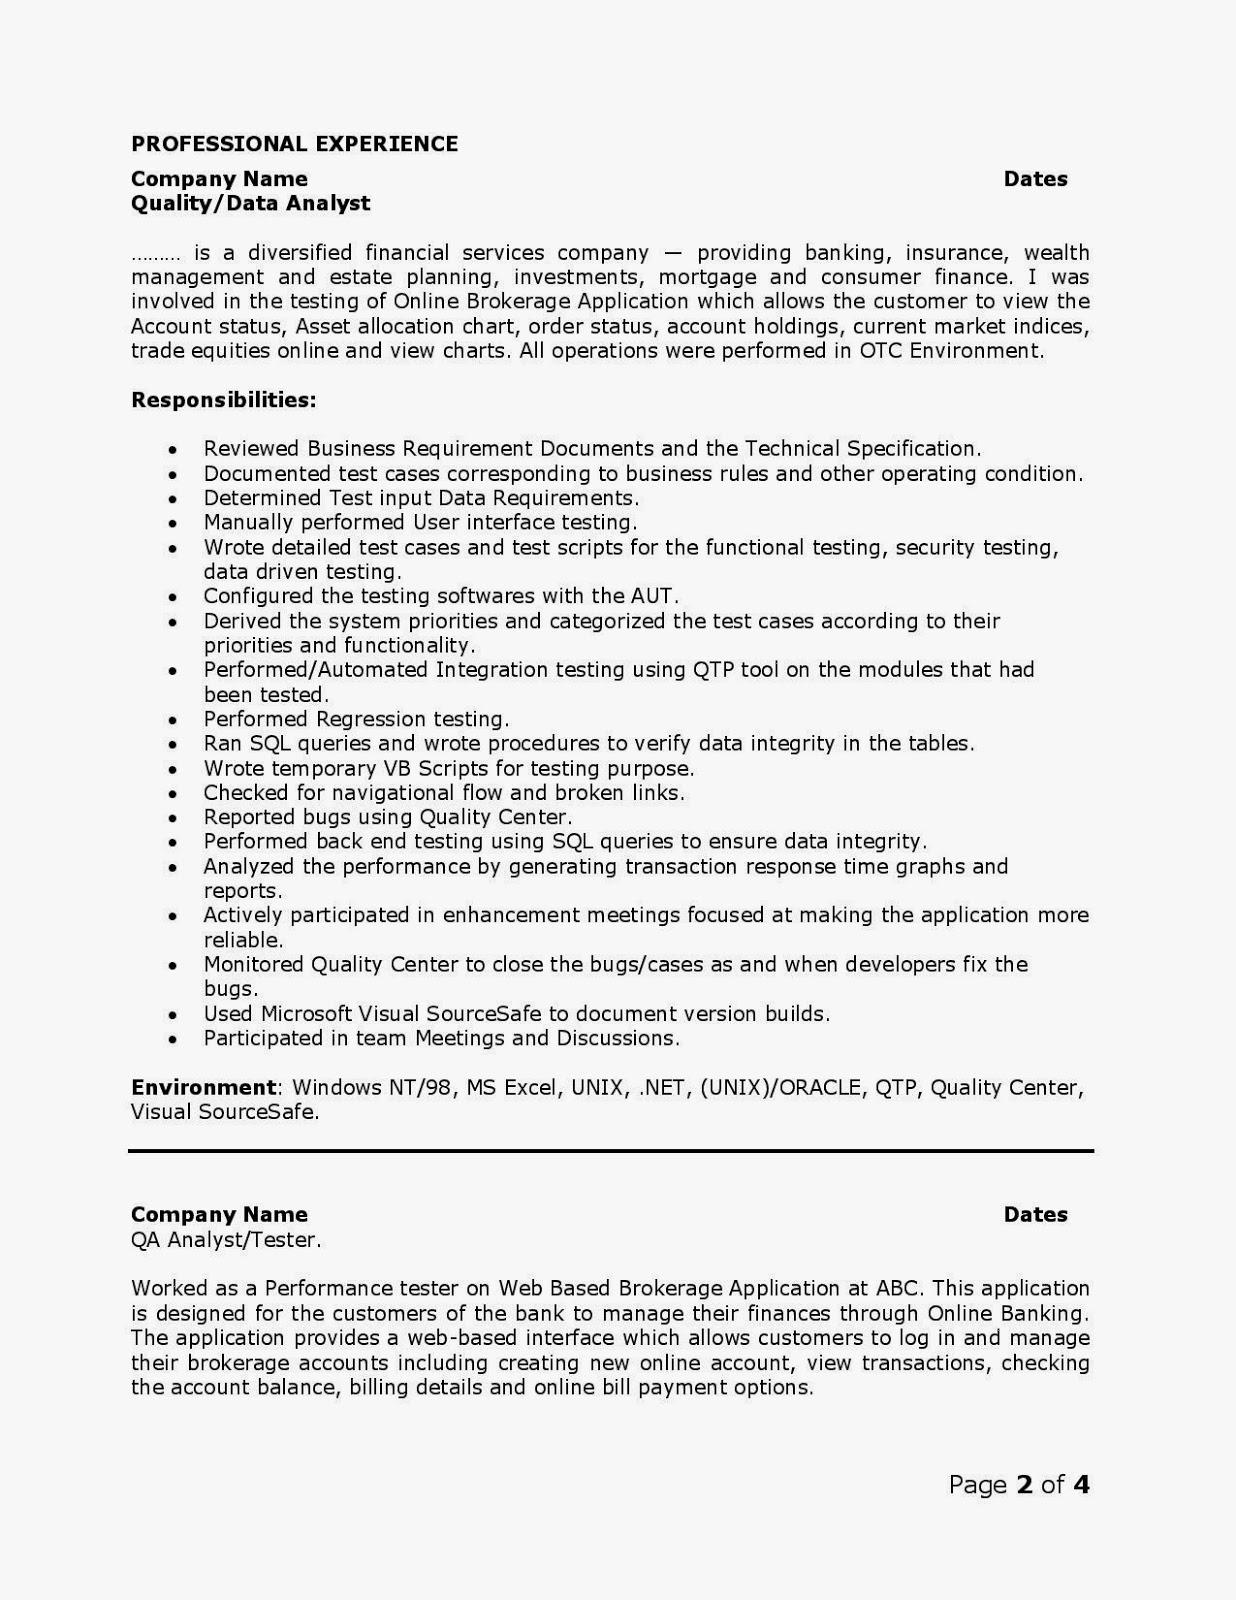 qa resume sample for h1b